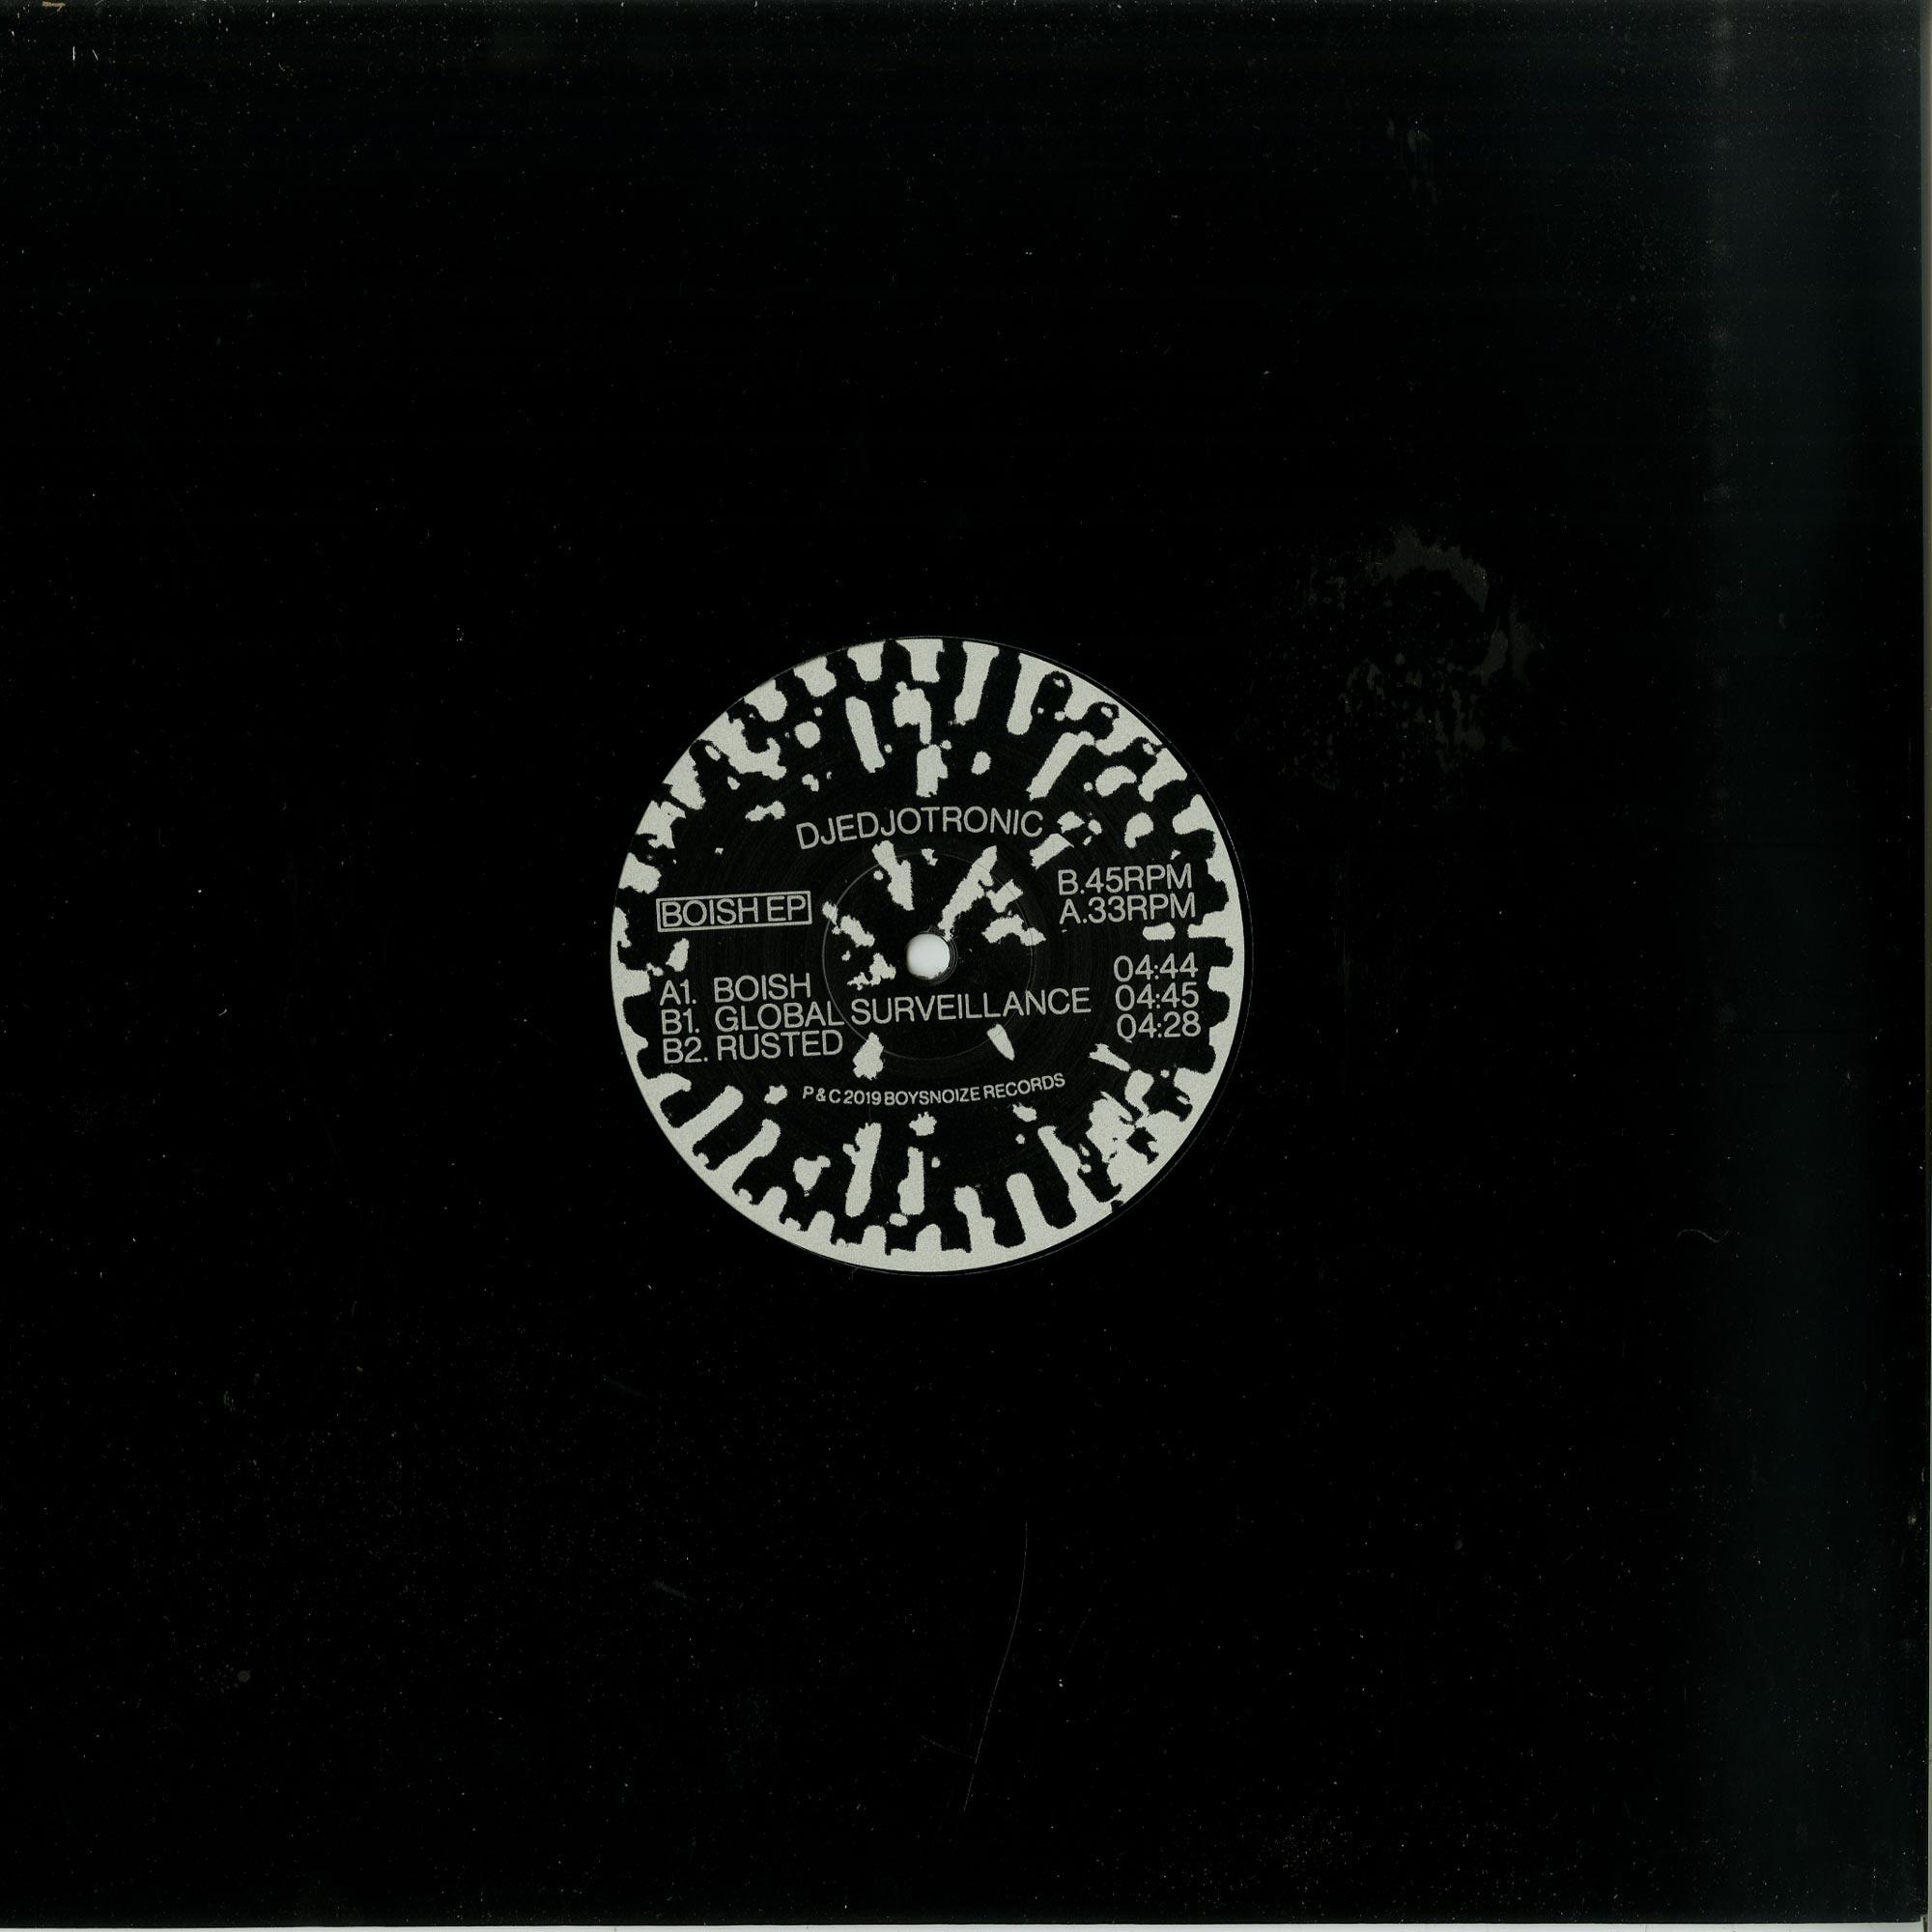 DJedjotronic - BOISH EP